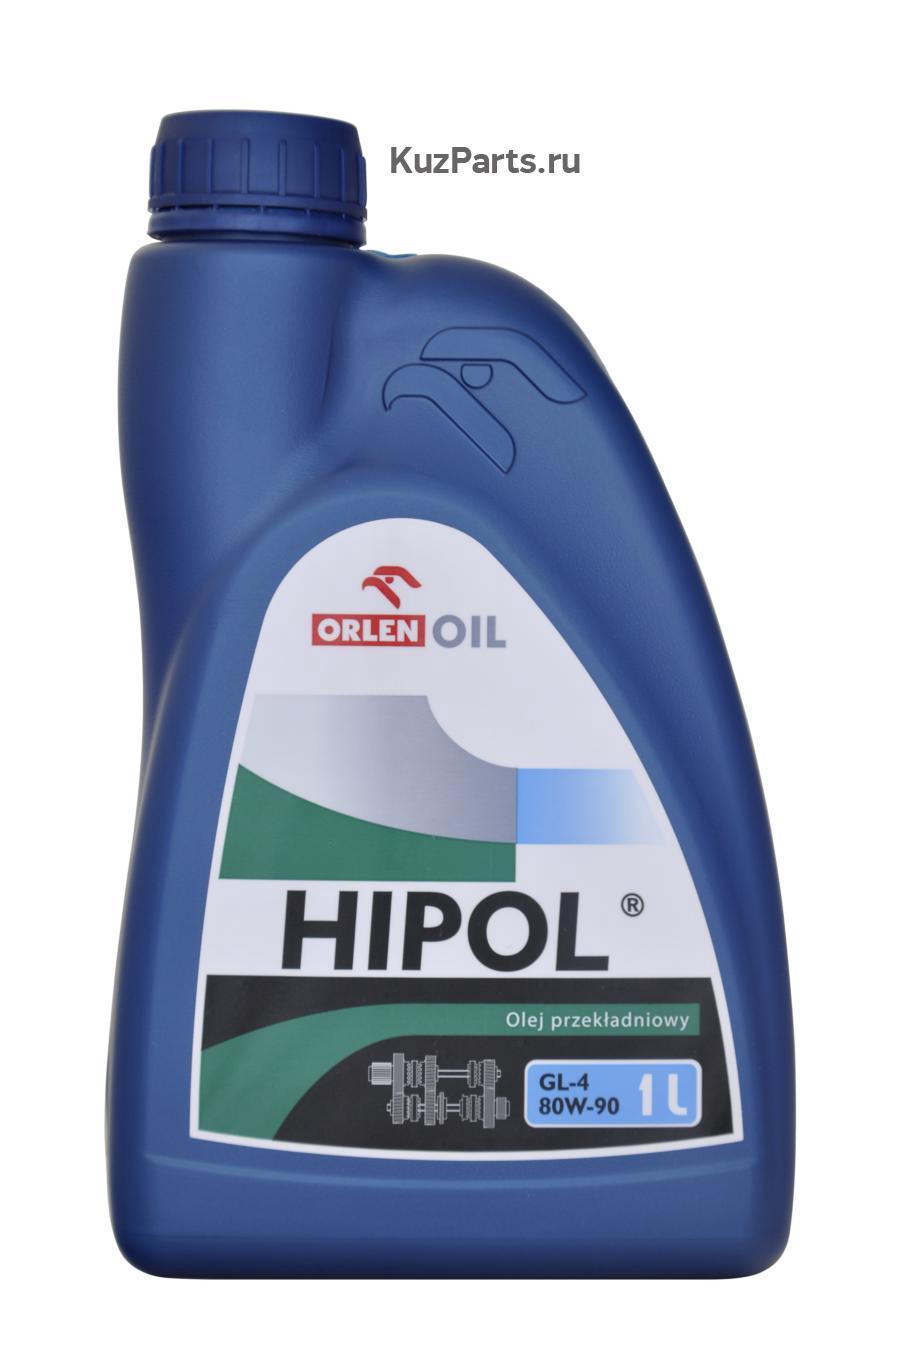 Минеральное трансмиссионное масло HIPOL 80W-90 GL-4 - 1 л